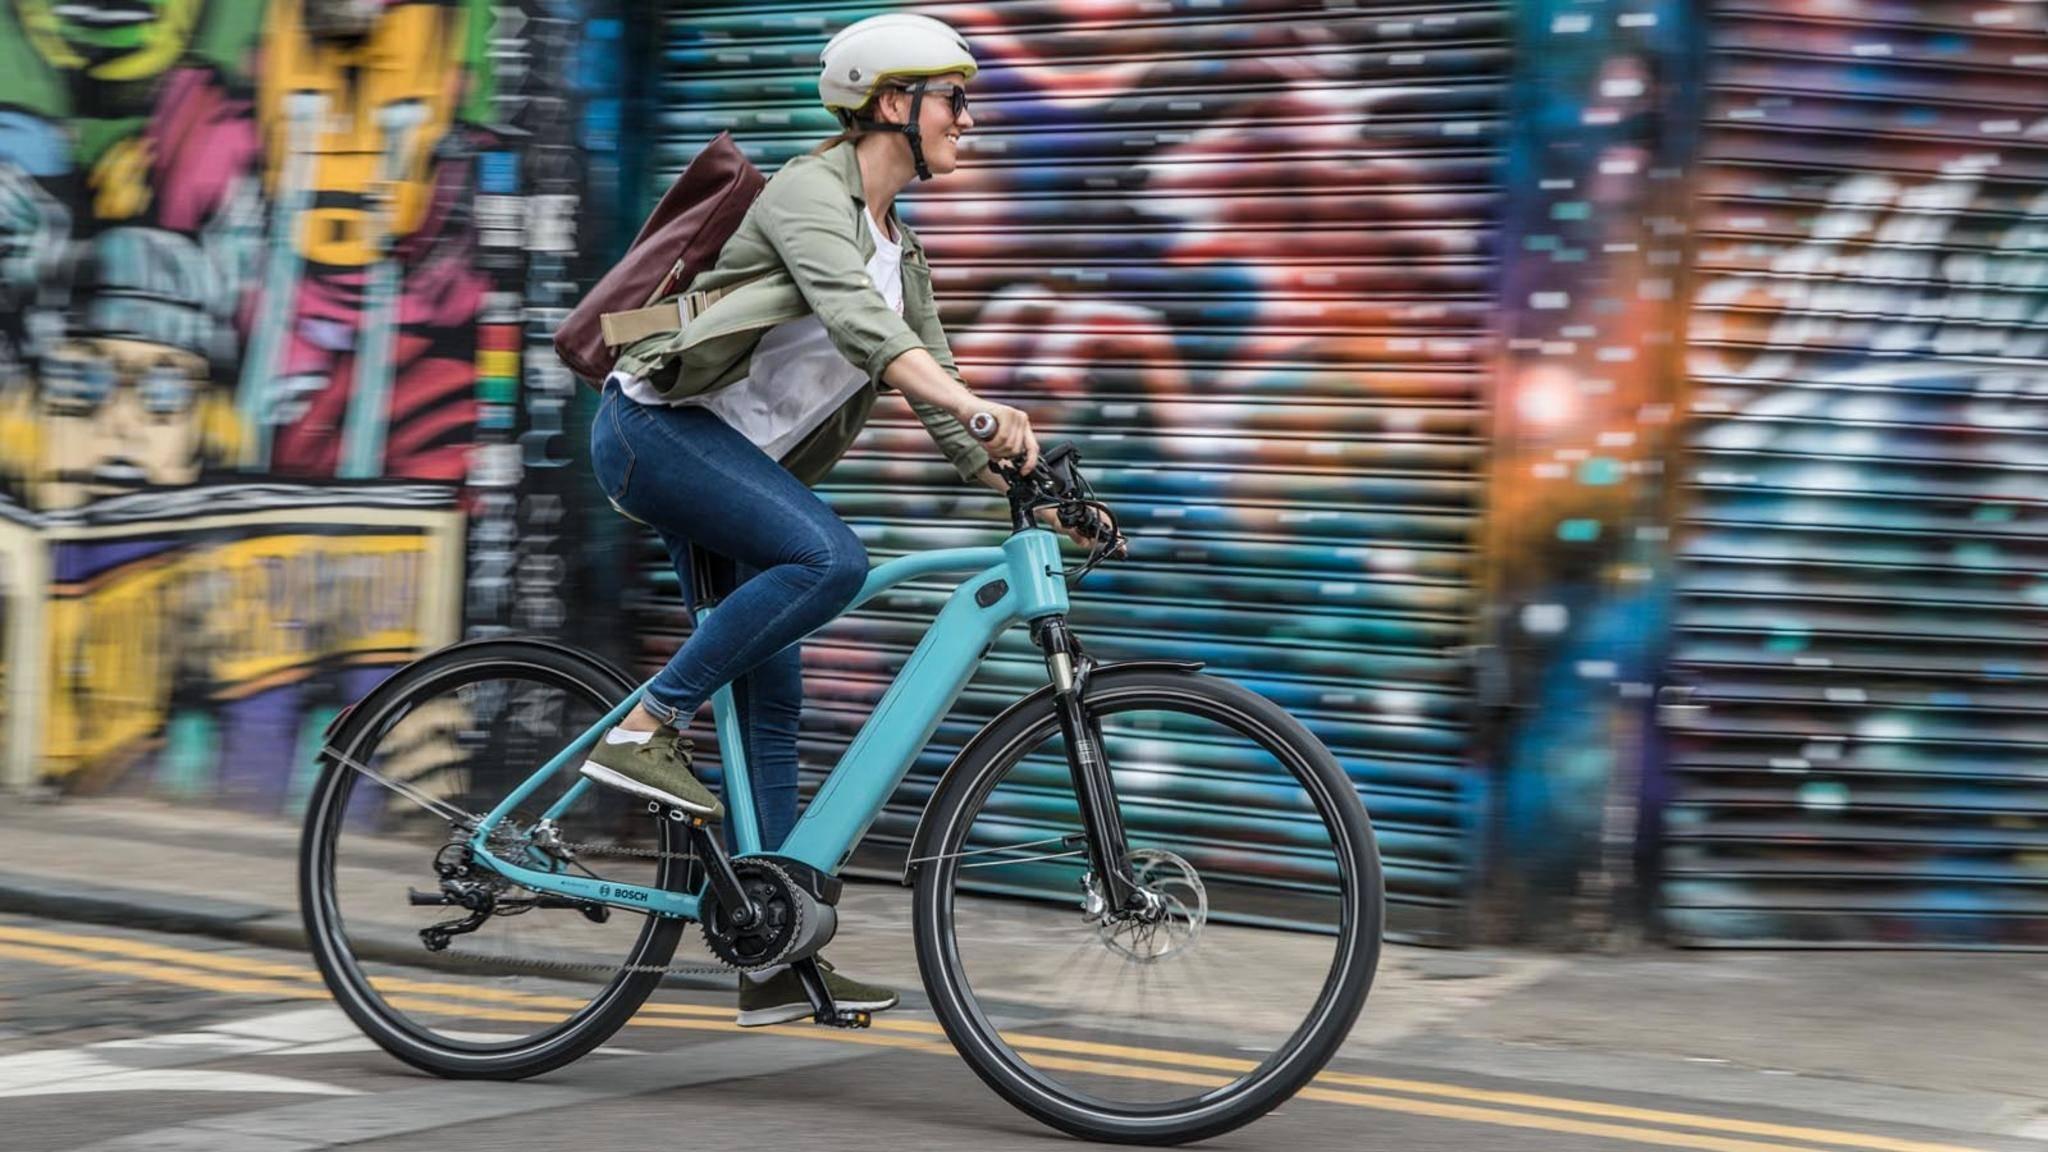 Mühseliges Schleppen war gestern: E-Bikes werden immer leichter und schlanker.